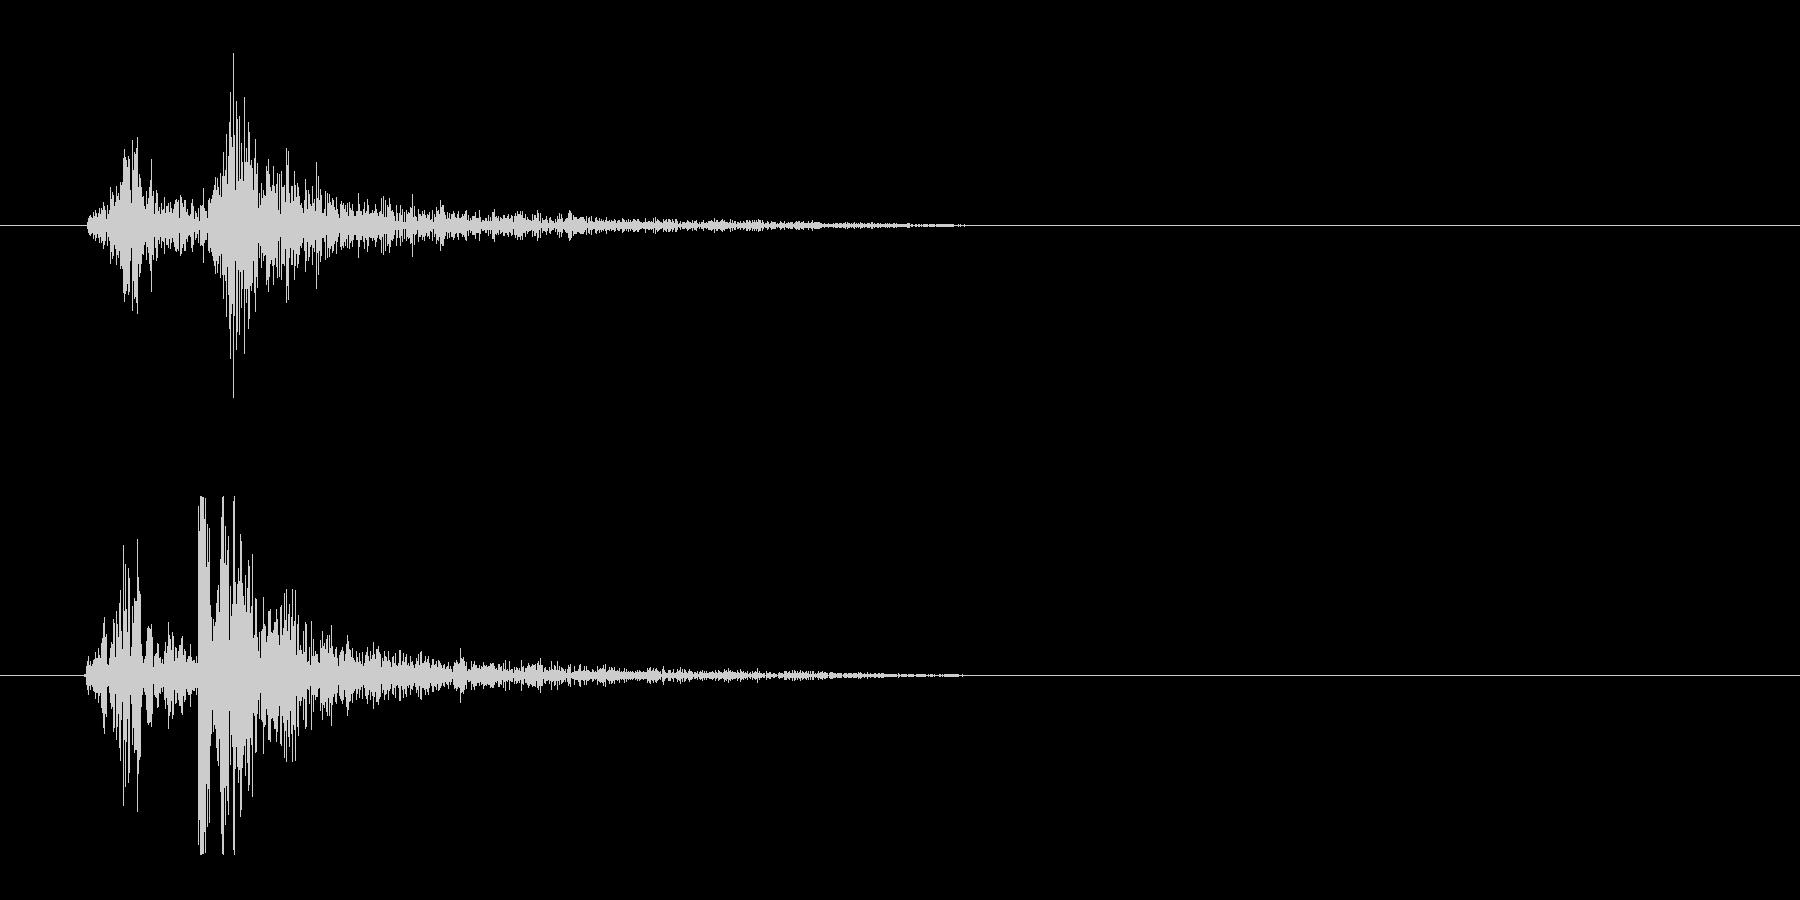 タイプライター押下時の音の未再生の波形